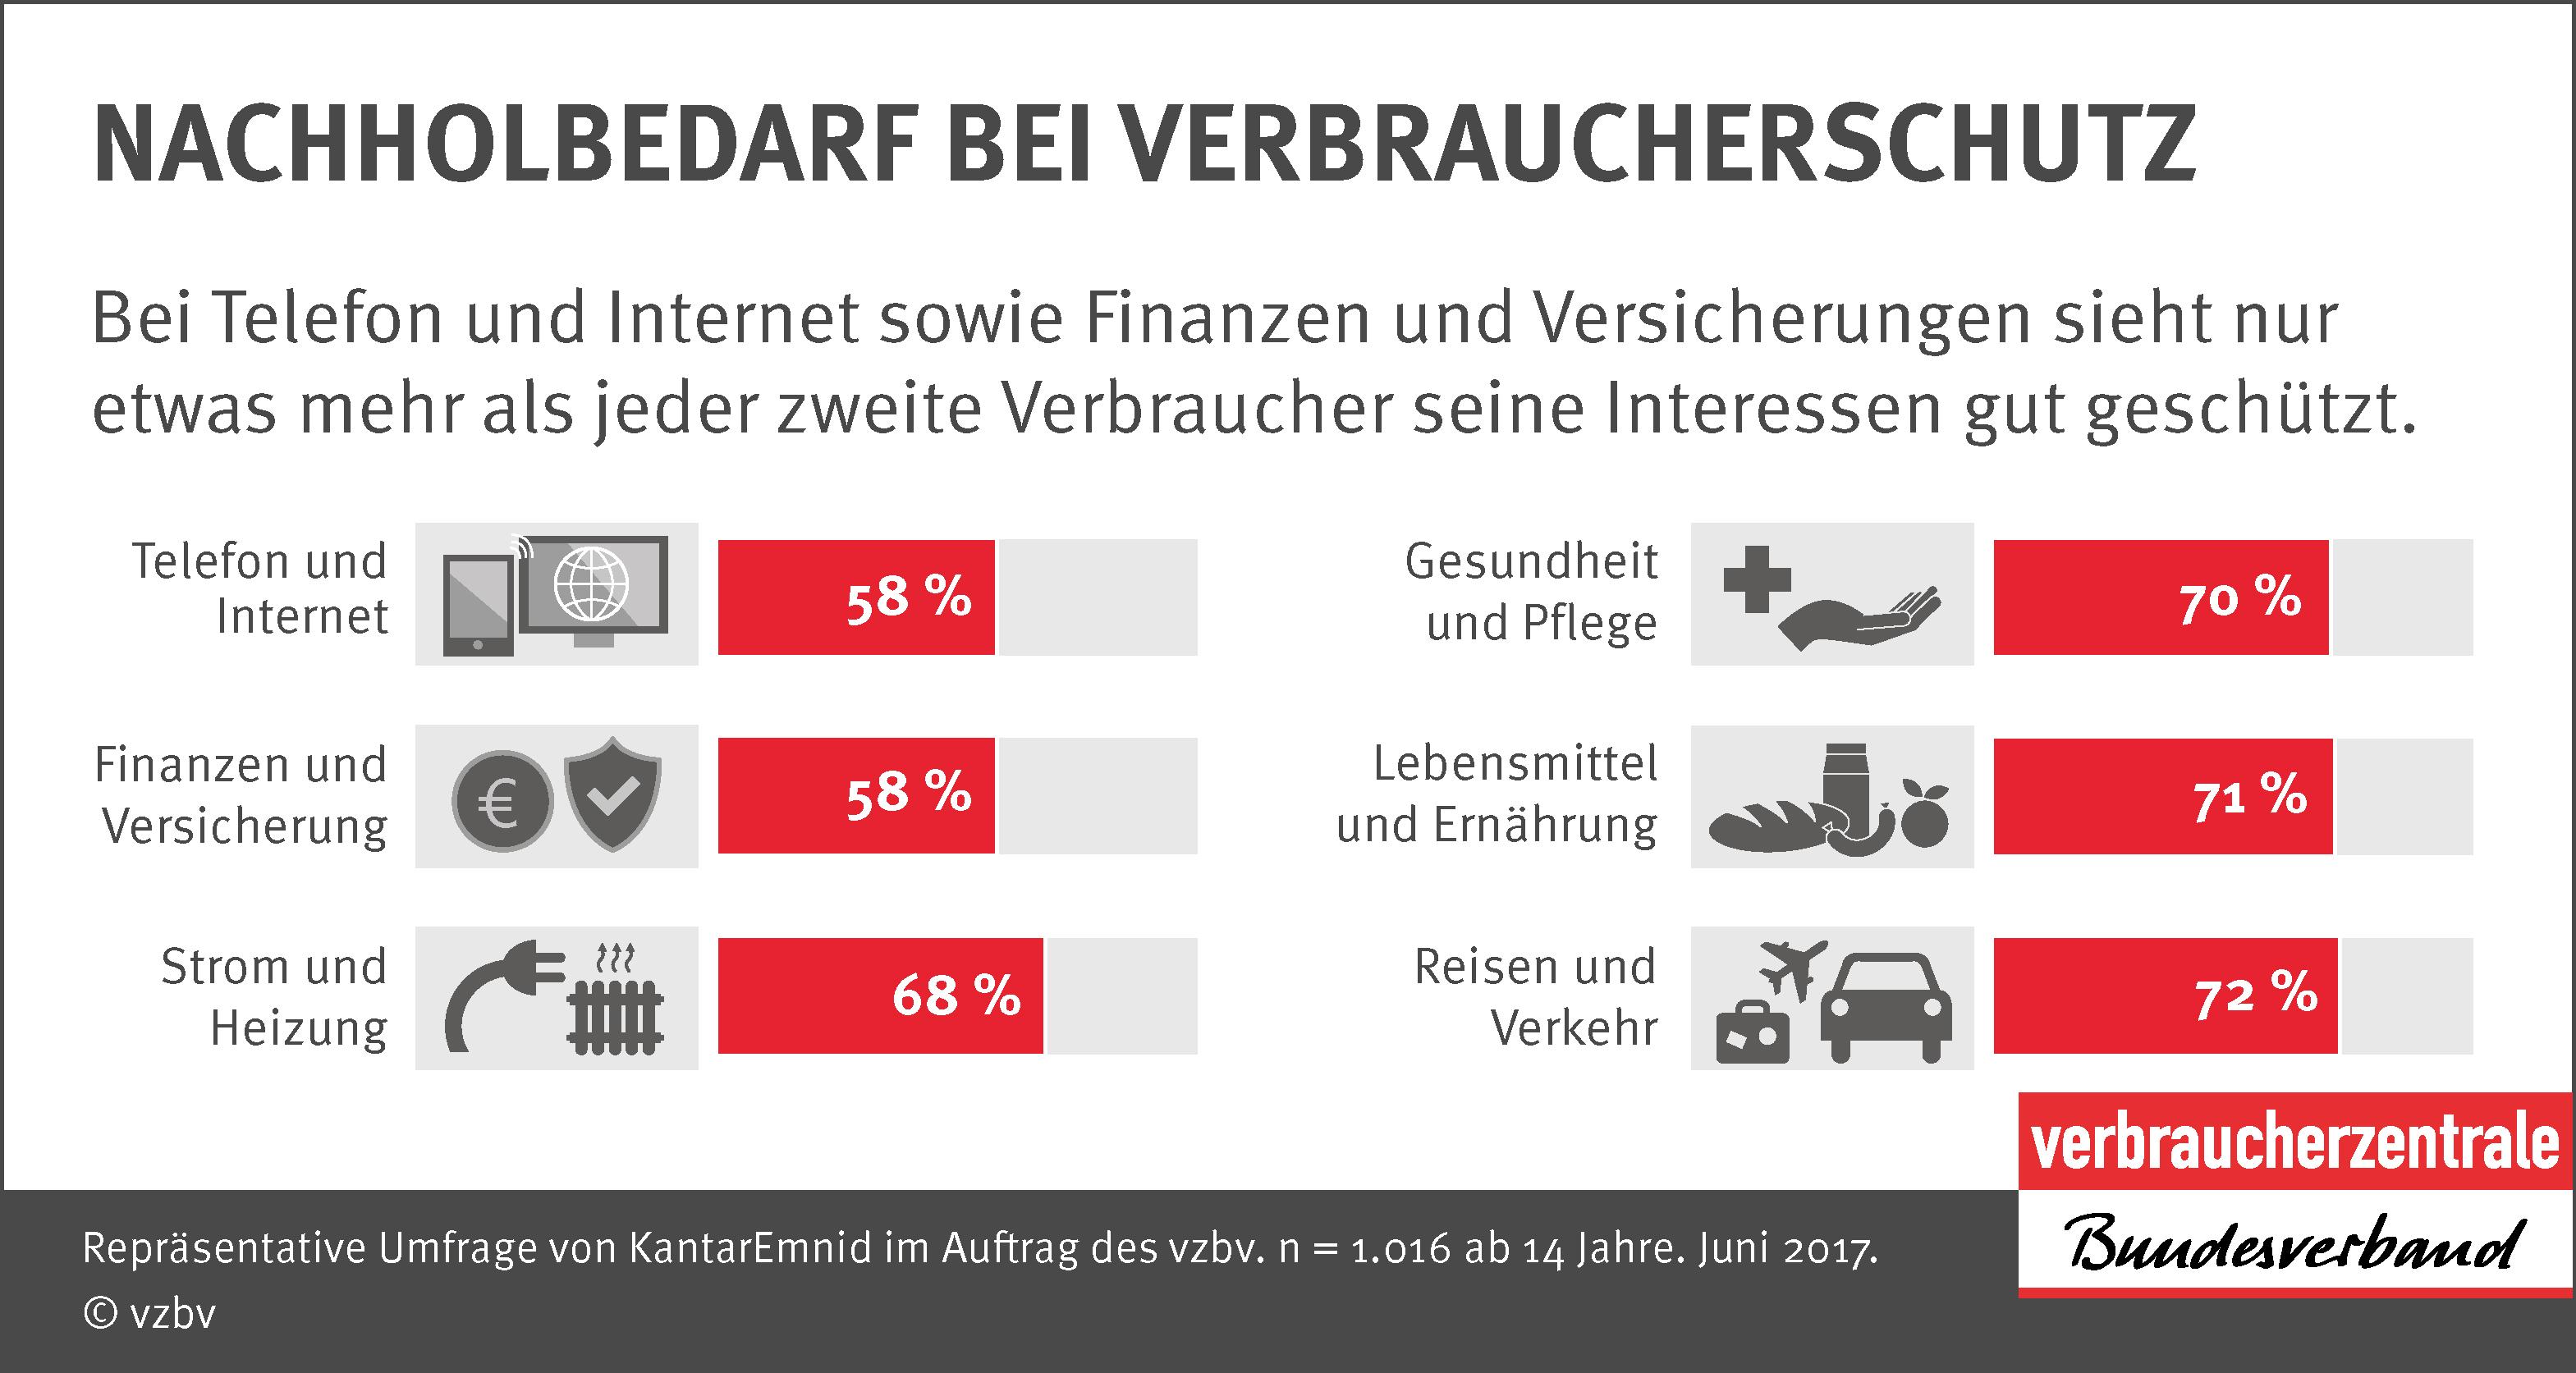 Infografik Verbraucherreport 2017: Nachholbedarf bei Verbraucherschutz